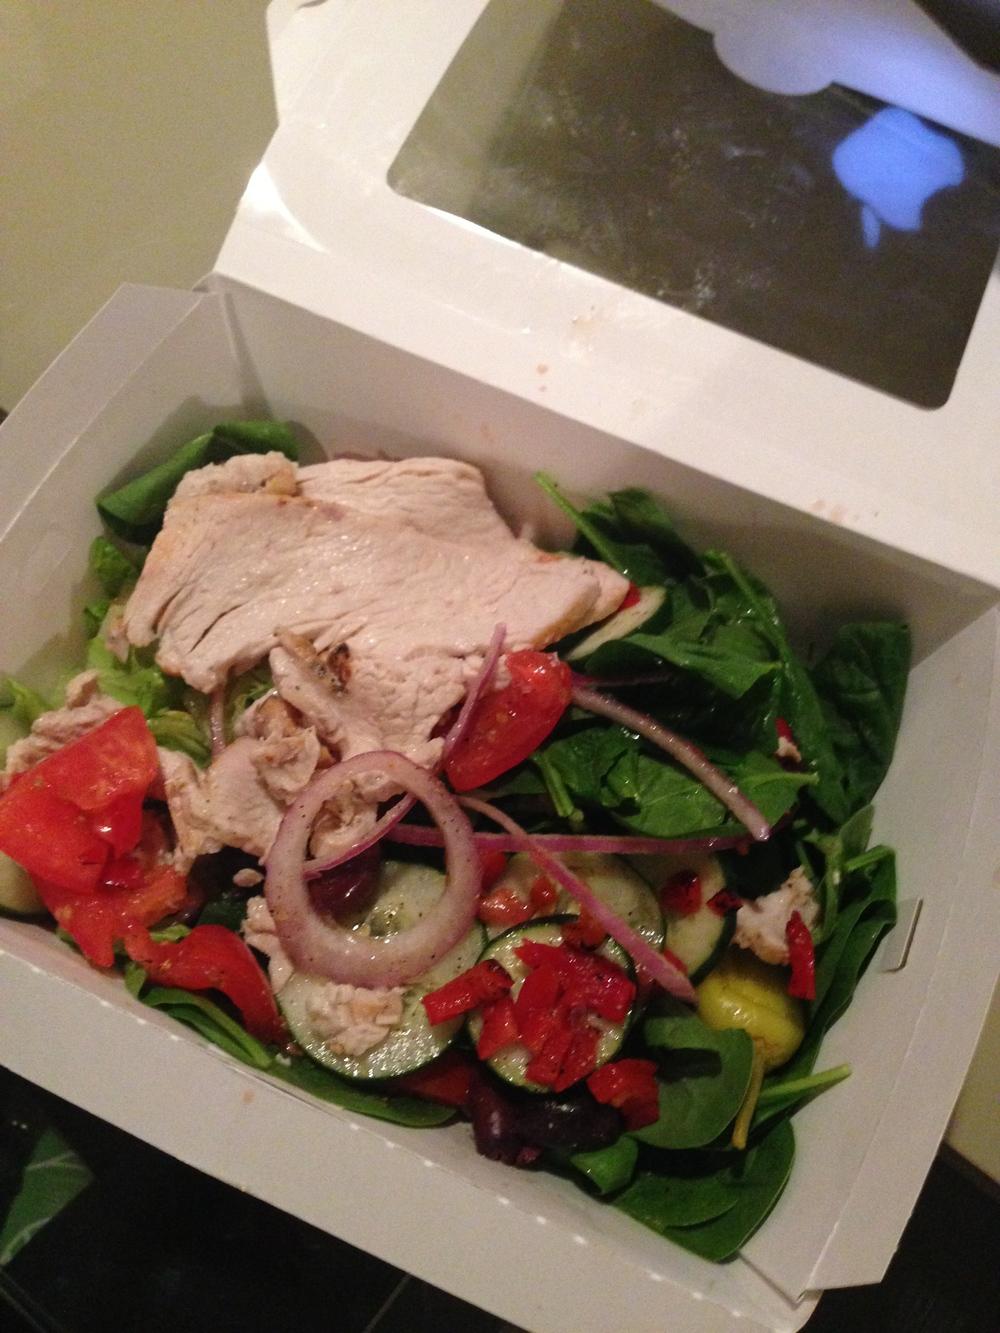 panera bread - med salad